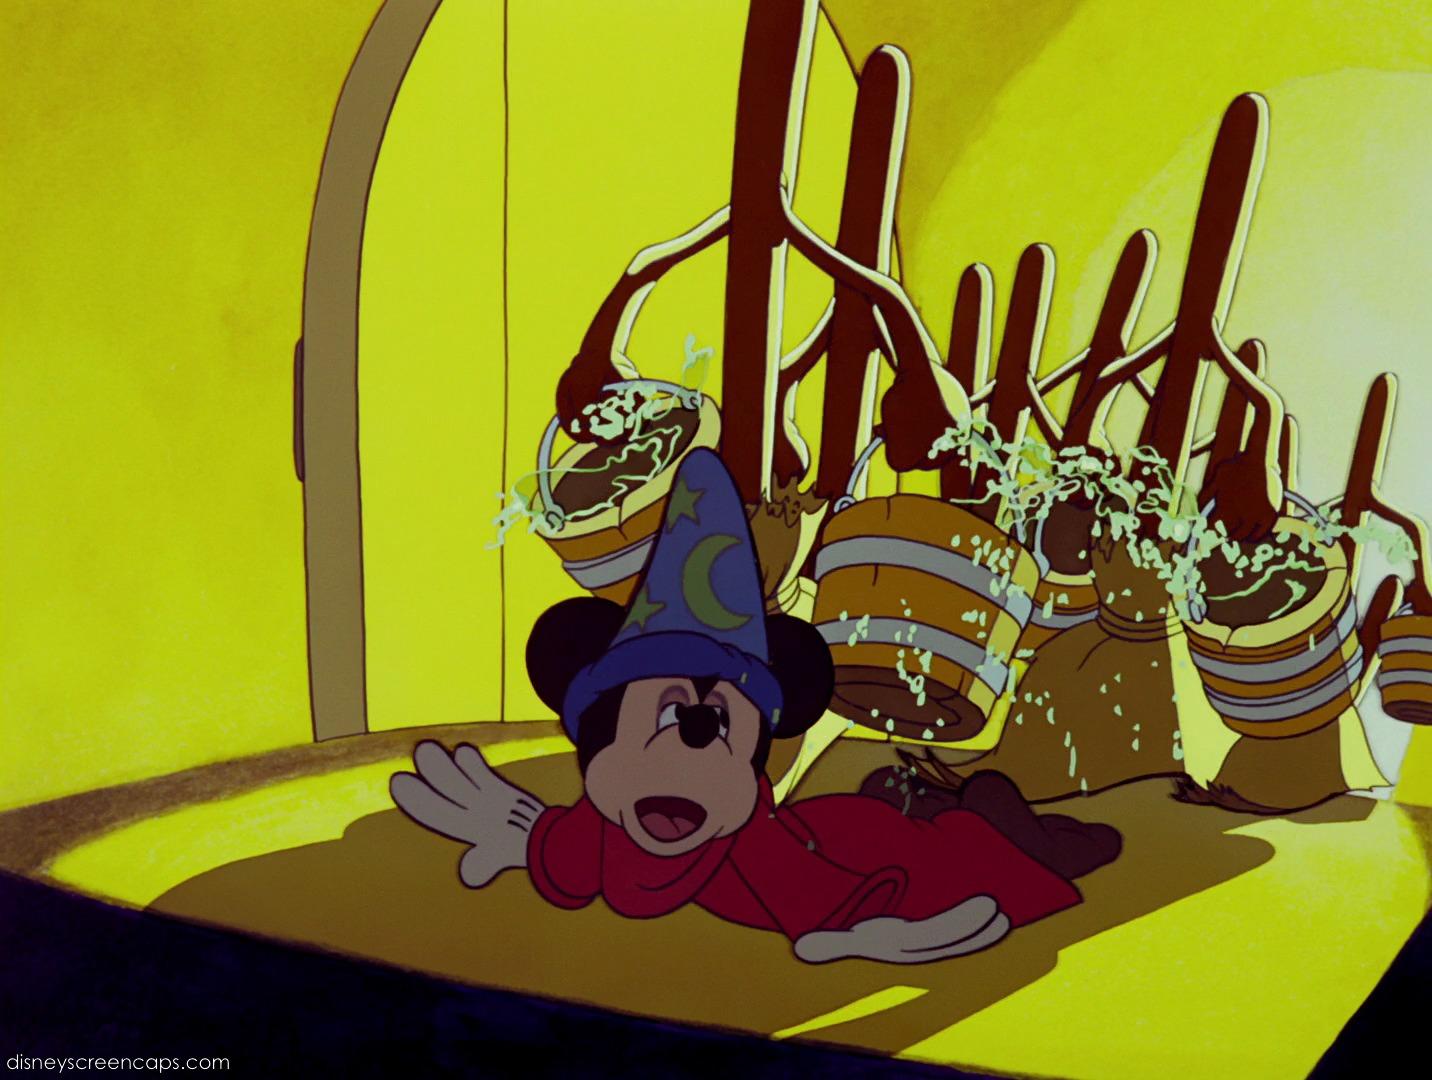 Fantasia-disneyscreencaps.com-2582.jpg